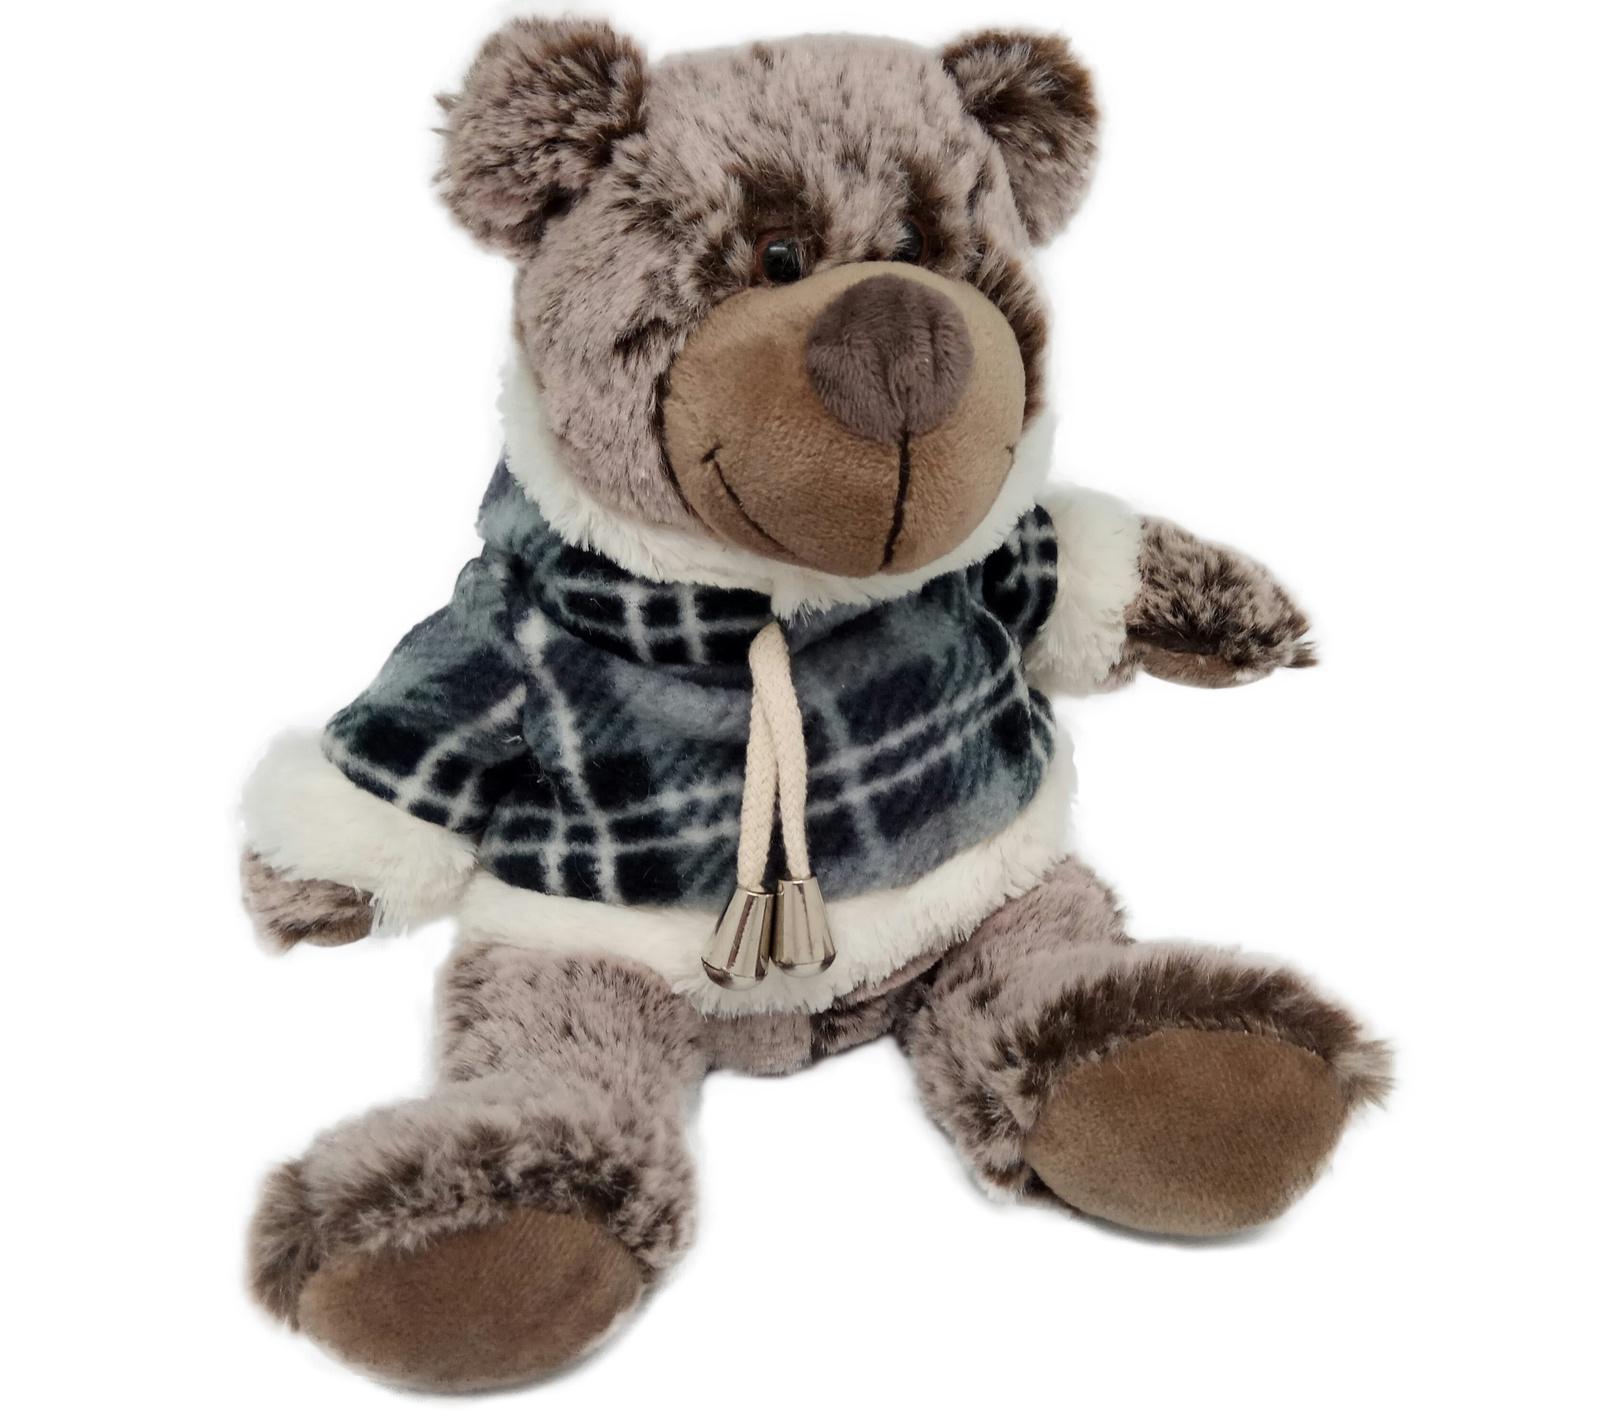 АБВГДЕЙКА Мягкая игрушка Медведь в свитере, 25 см цена